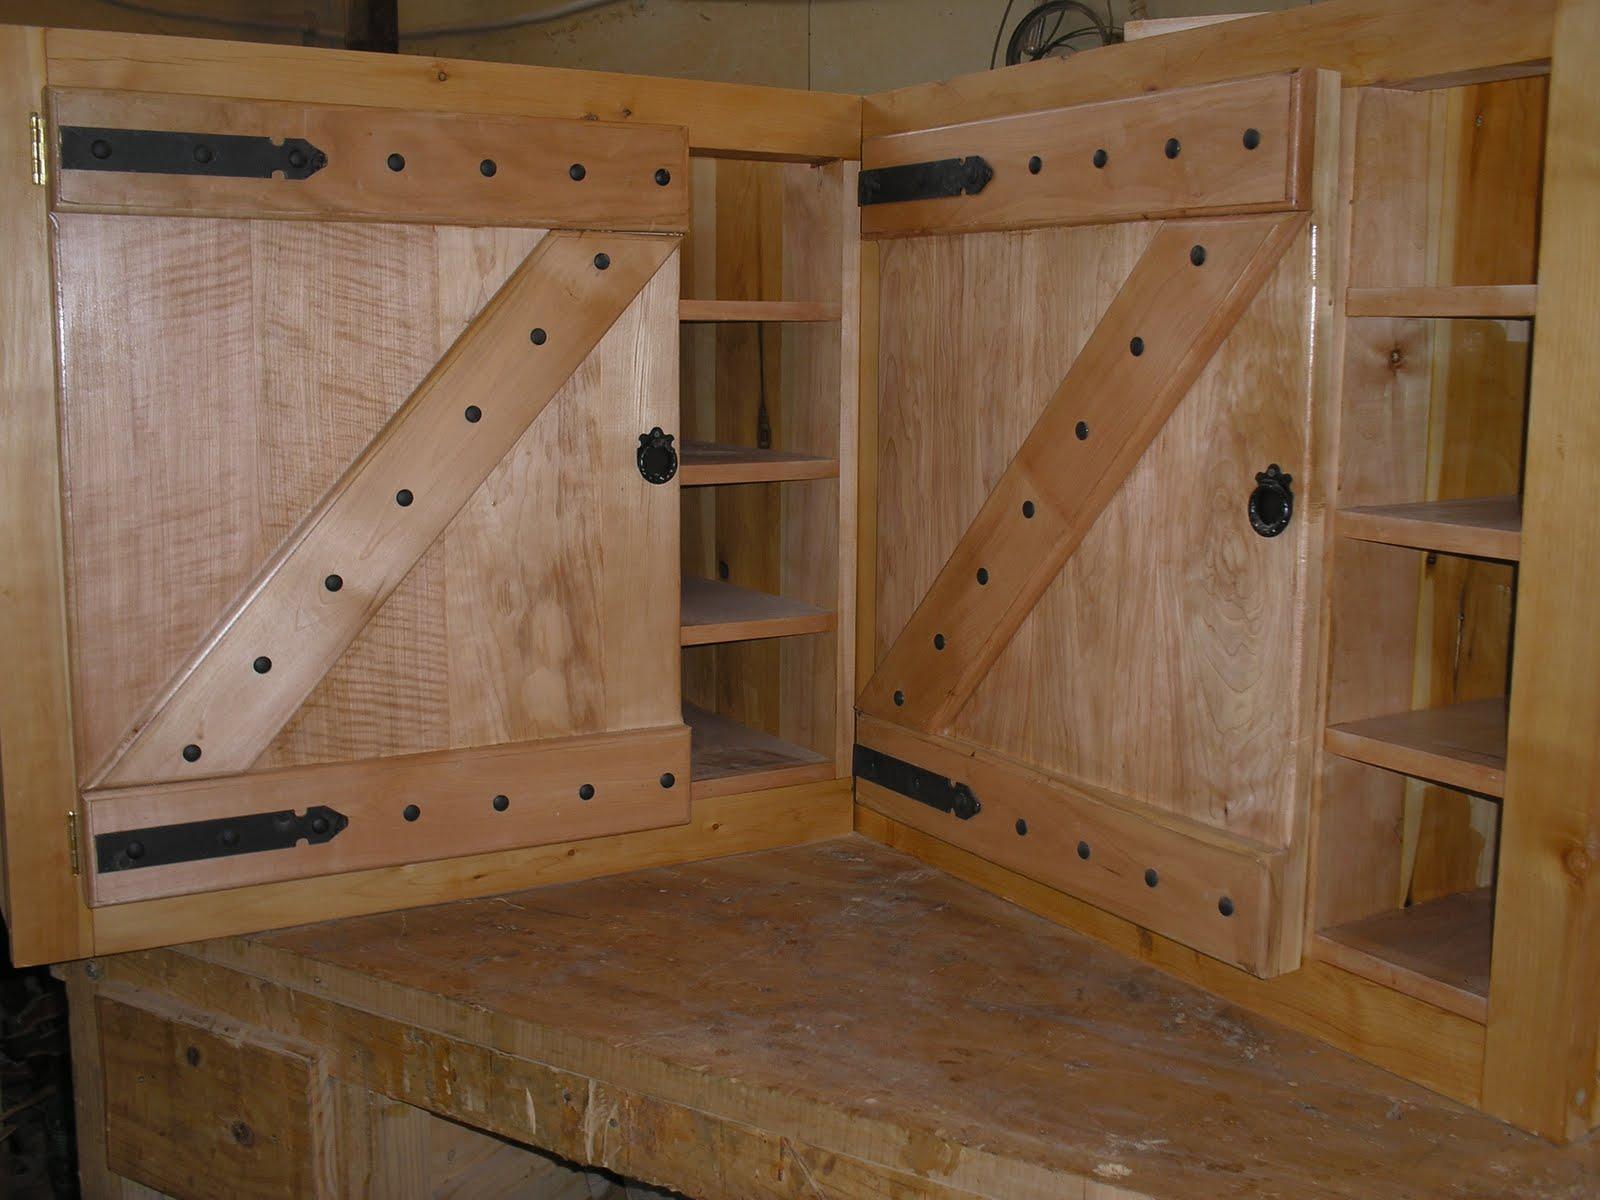 Muebles artesanales alacena y bajomesada estilo campo en for Muebles artesanales de madera